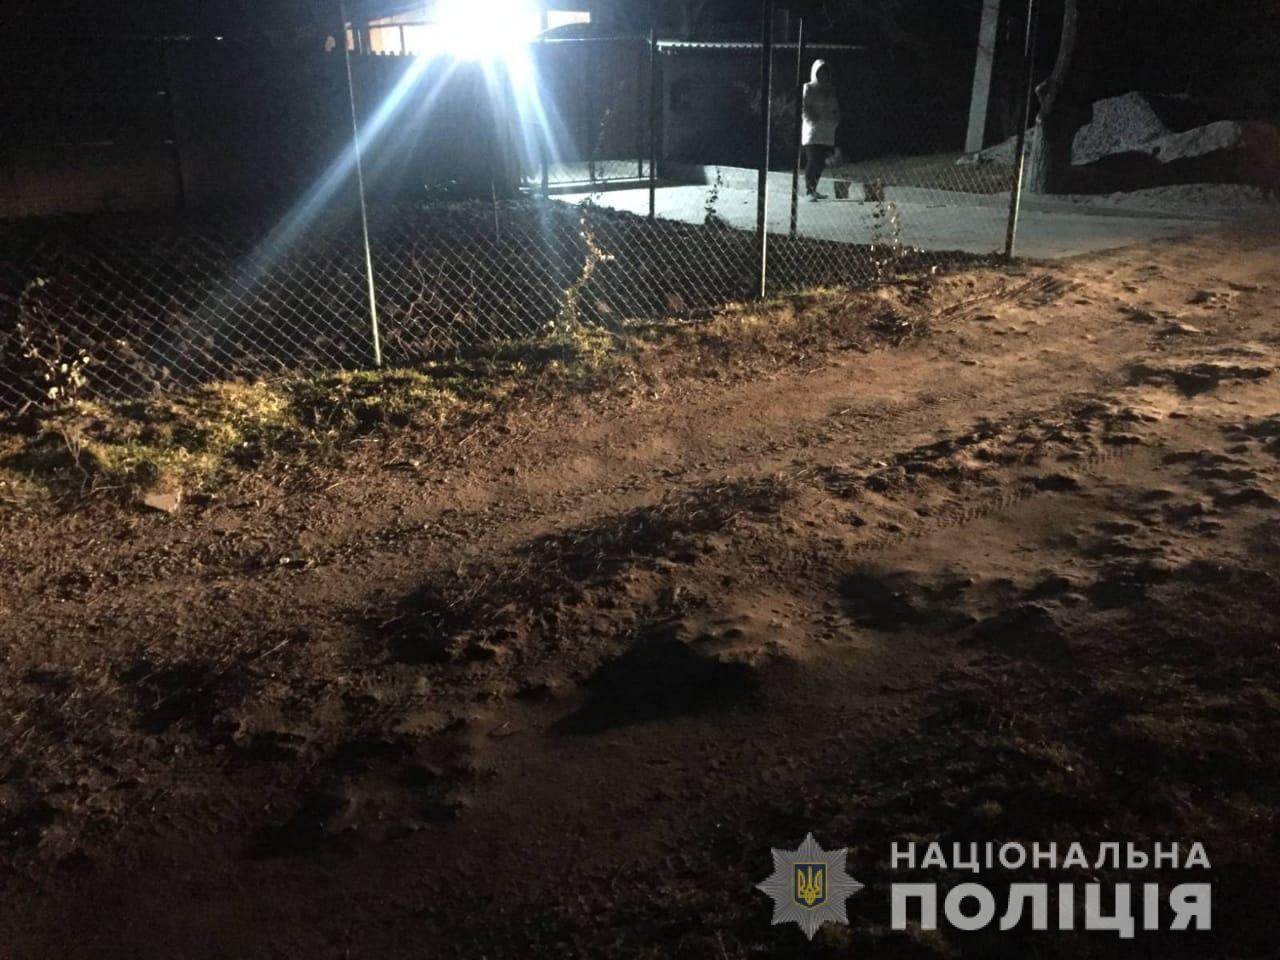 Полицейские задержали 48-летнего никопольчанина за покушение на убийство | Прихист